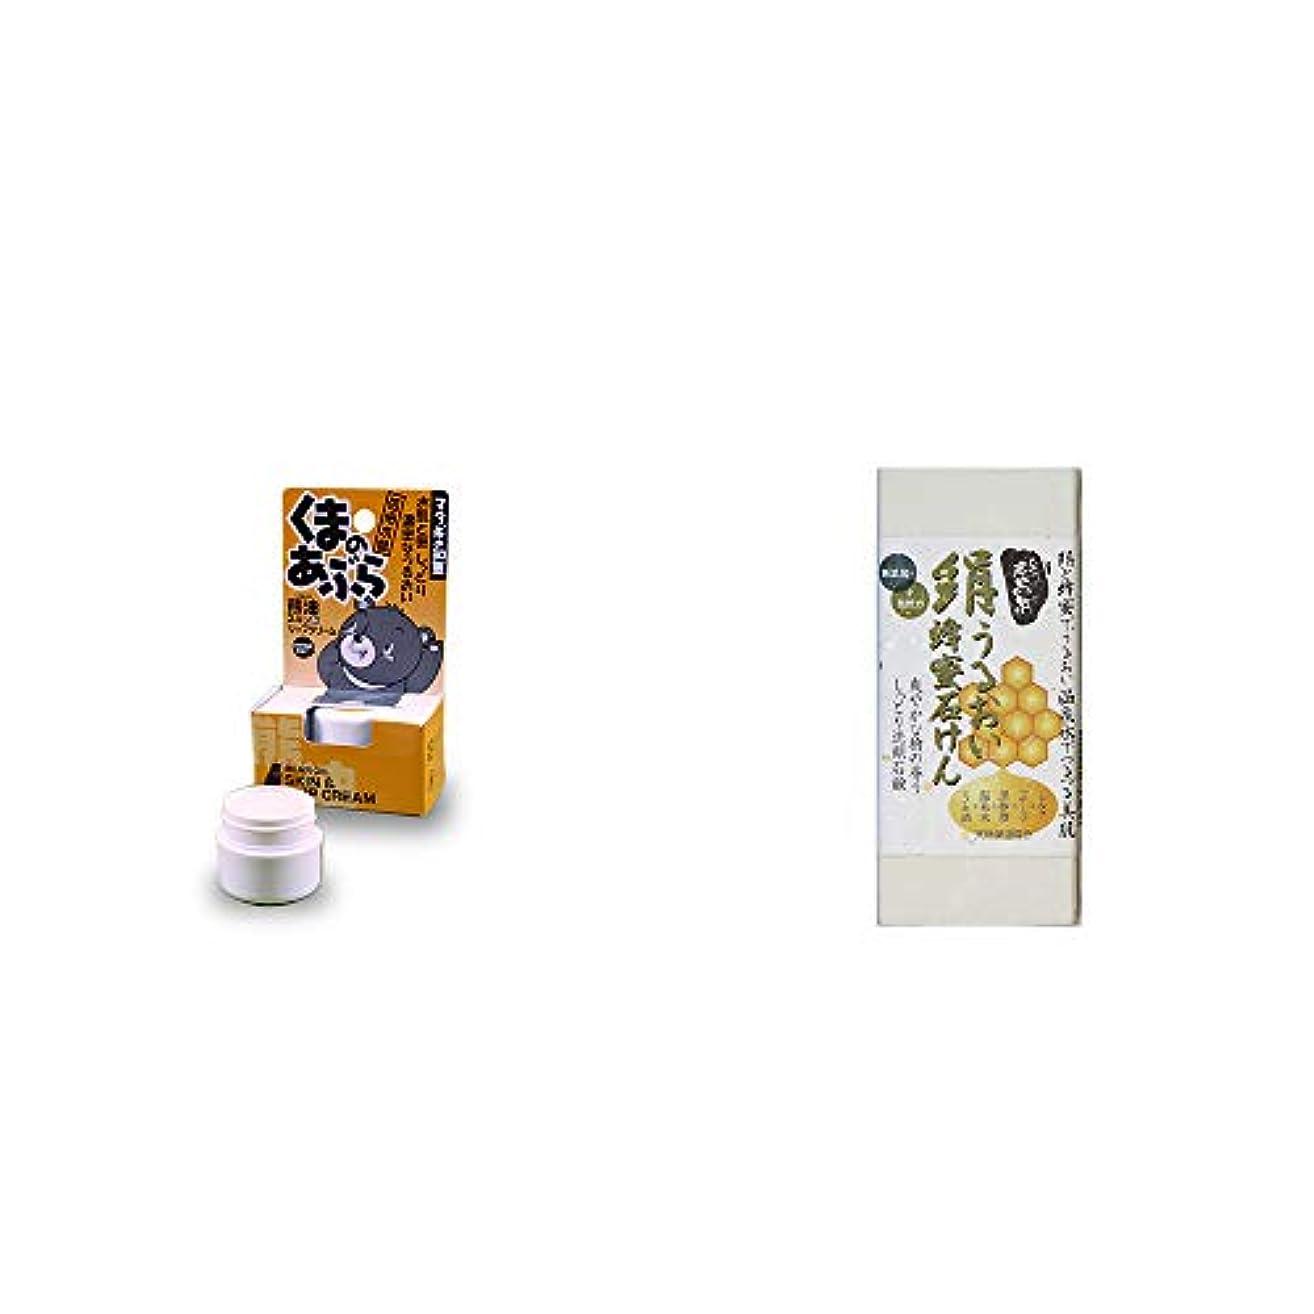 バケット化合物心理的[2点セット] 信州木曽 くまのあぶら 熊油スキン&リップクリーム(9g)?ひのき炭黒泉 絹うるおい蜂蜜石けん(75g×2)